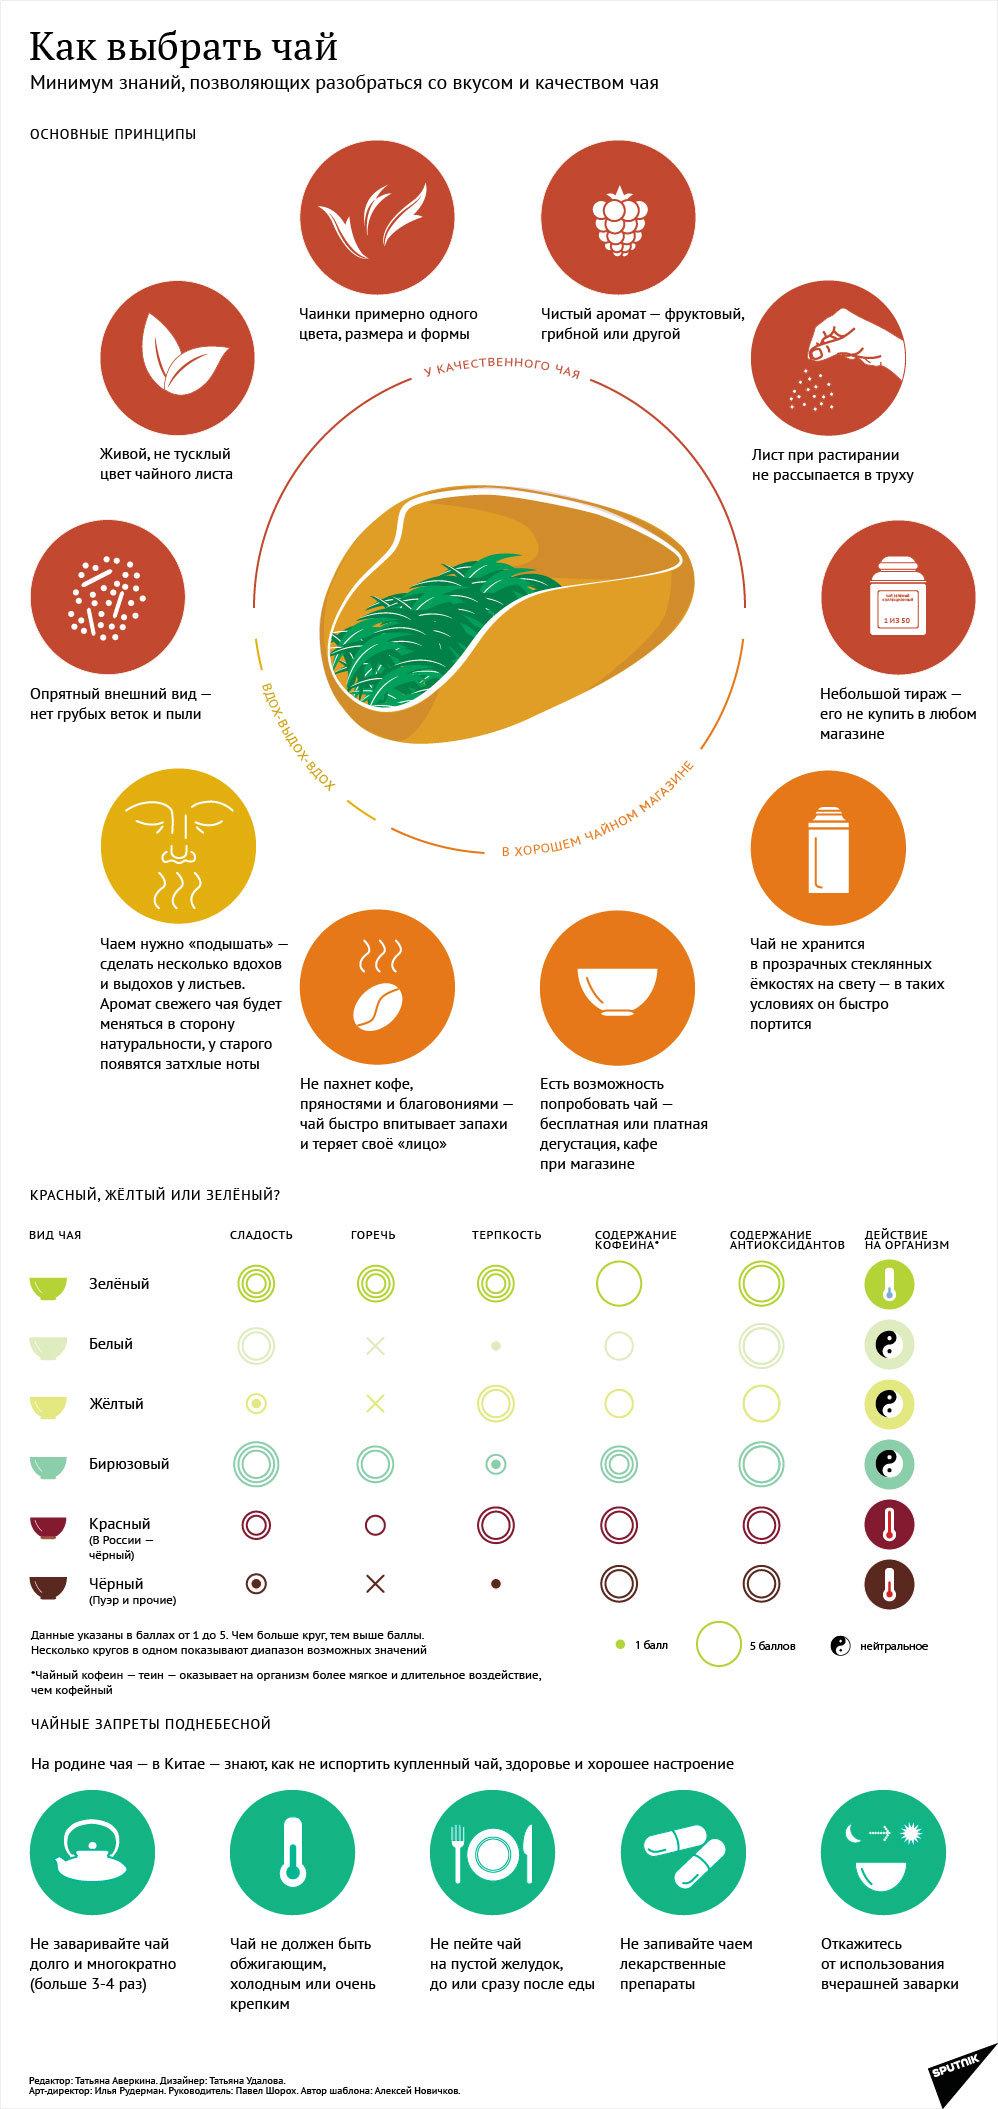 Инфографика на sputnik.by: Как выбрать чай